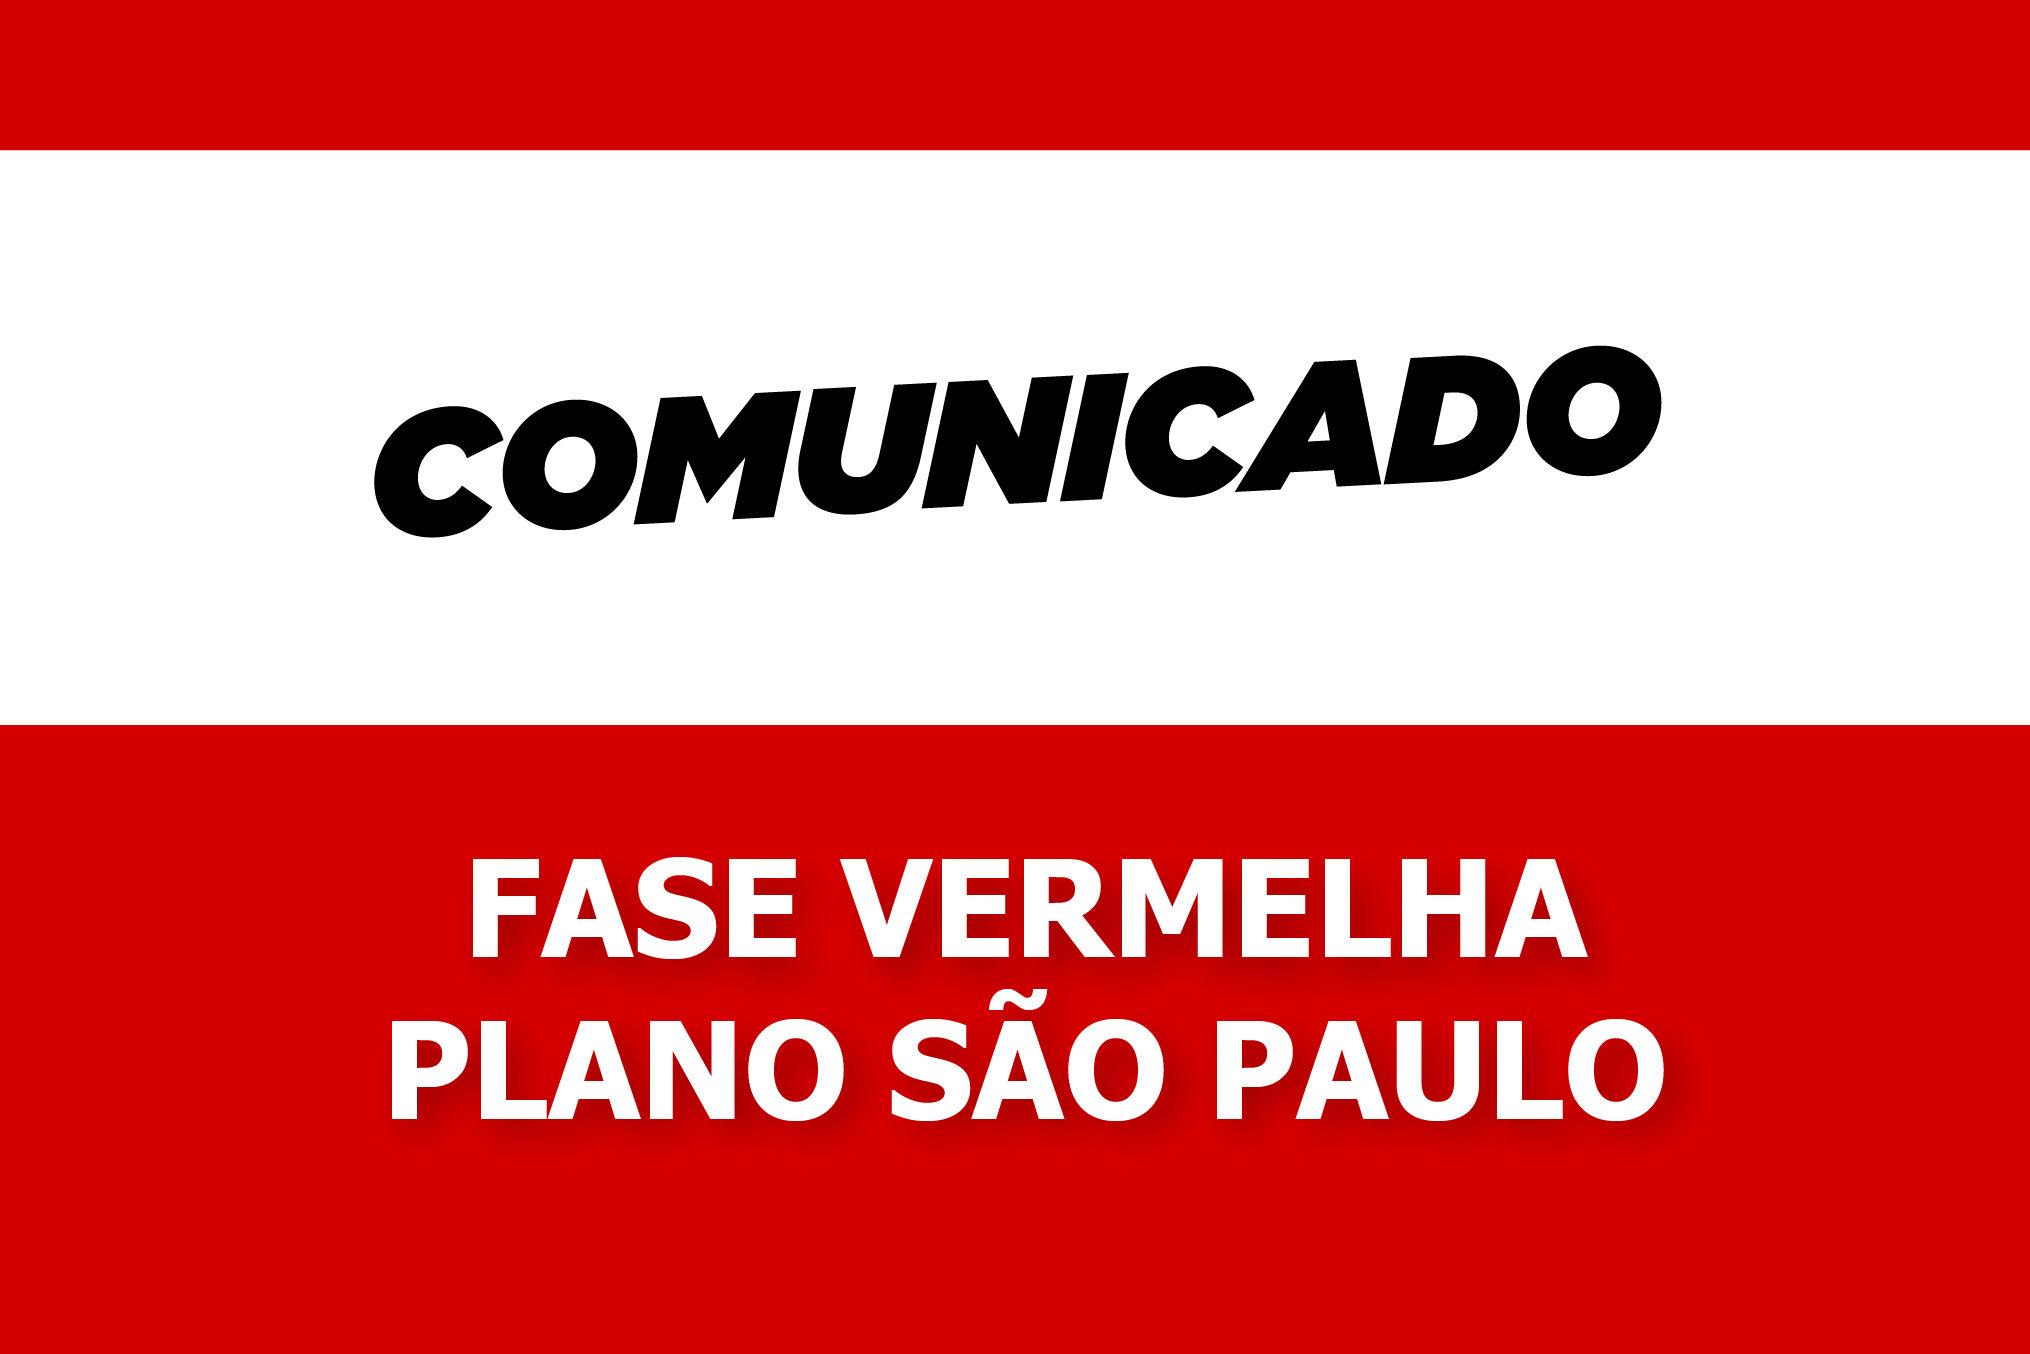 Sindicato dos Metalúrgicos vai seguir determinações do Plano São Paulo